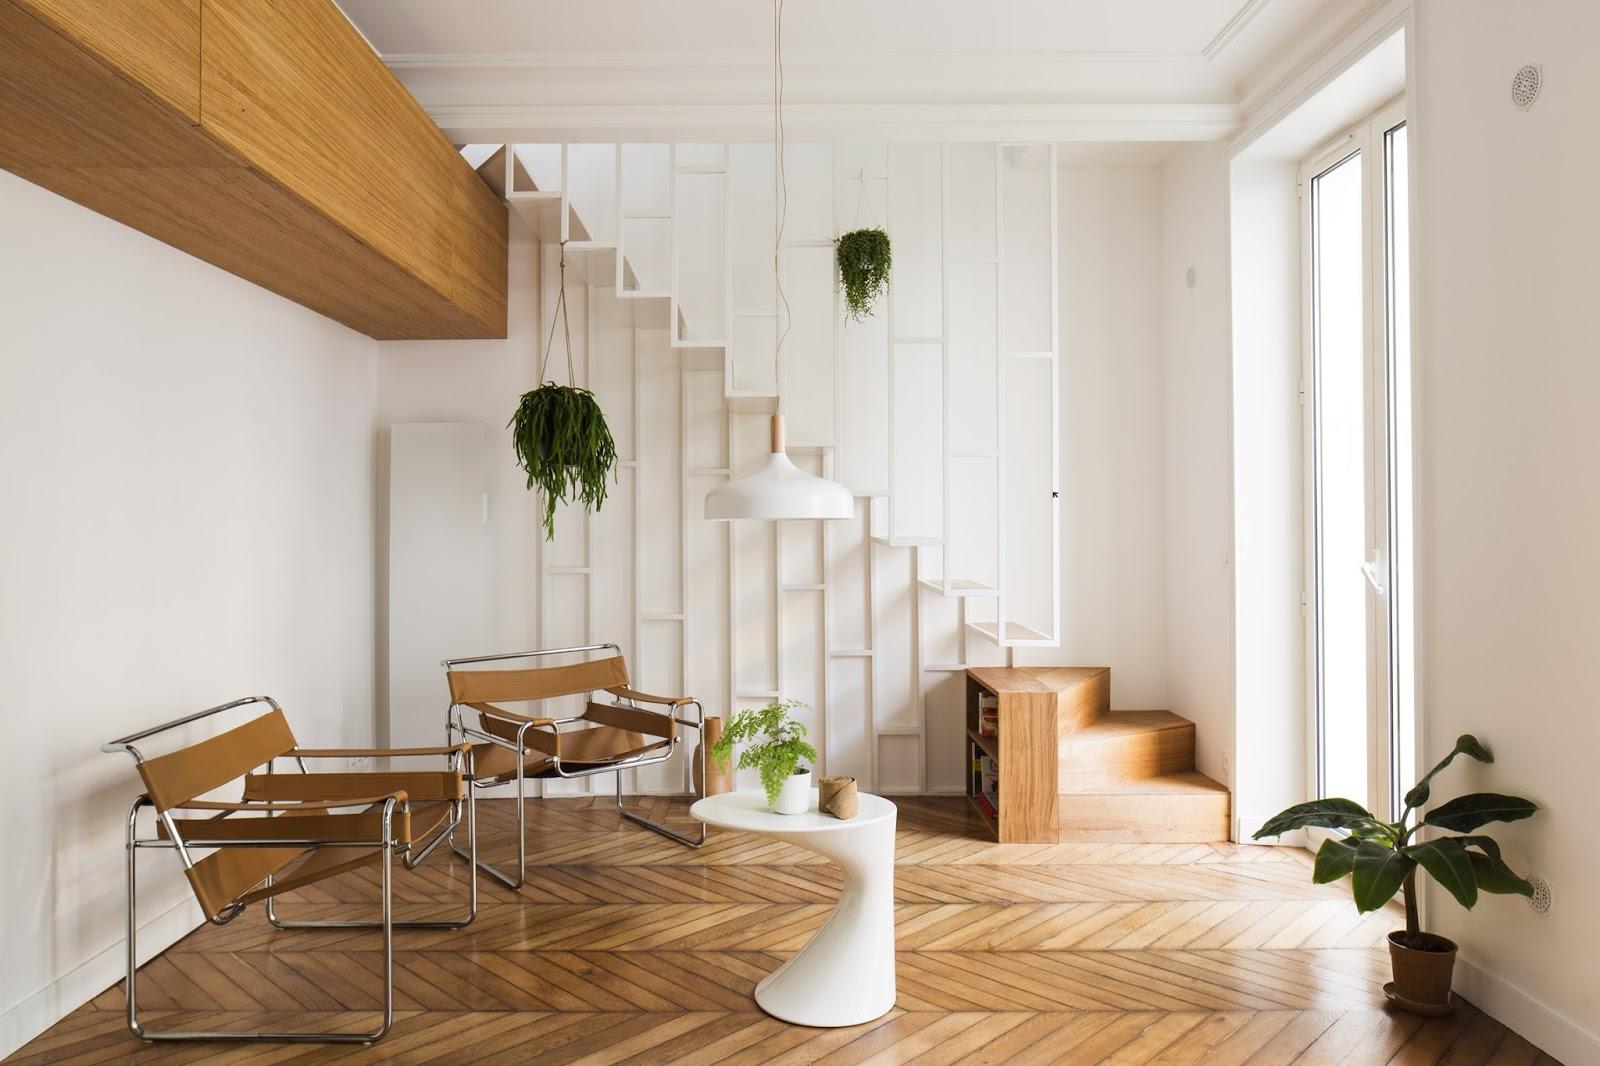 Appartamento a Parigi con scala in metallo sottile e cucina verde ...